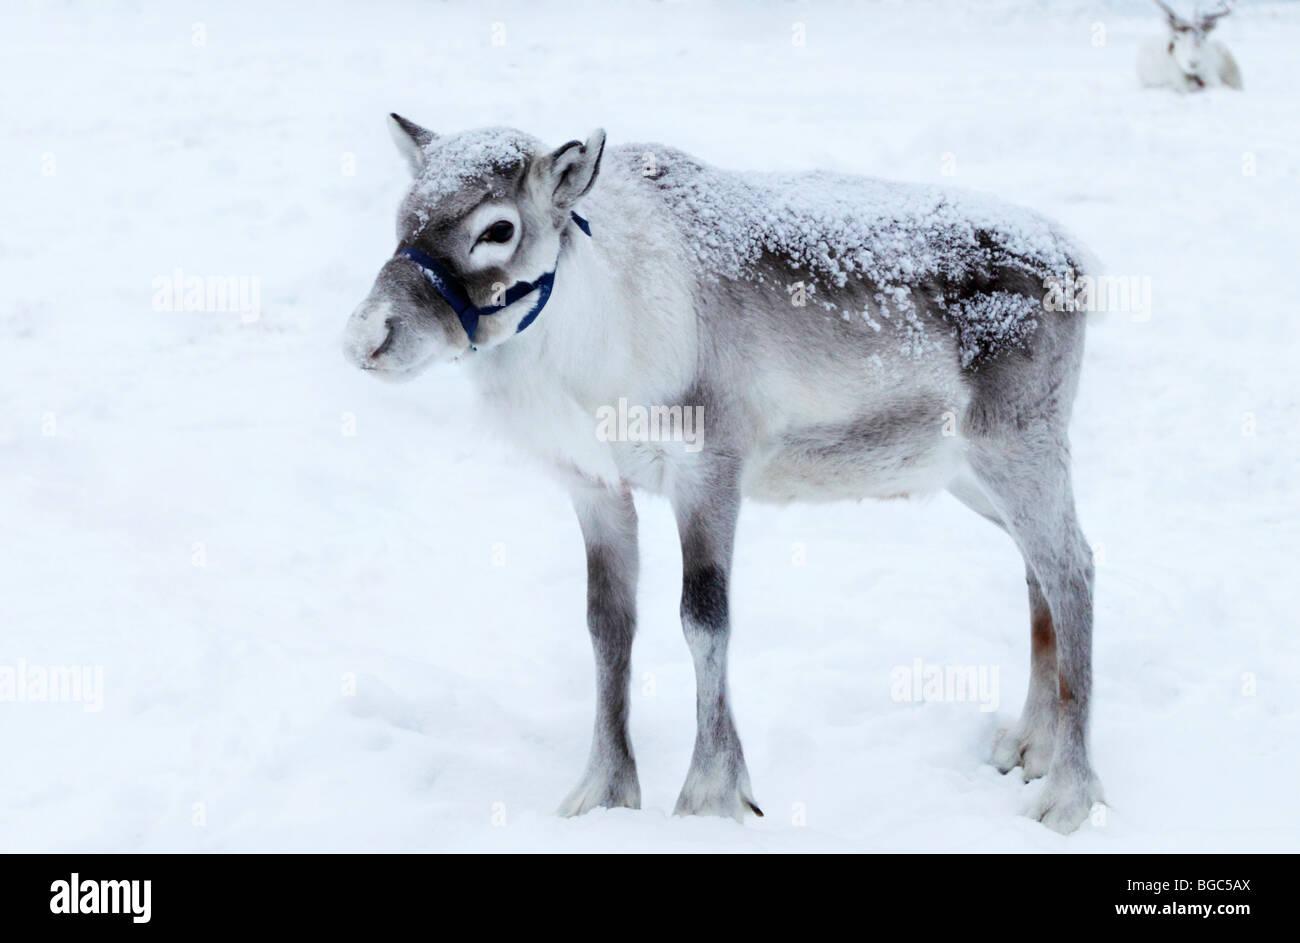 Un vitello di renne nella neve, Lapponia, Finlandia Foto Stock